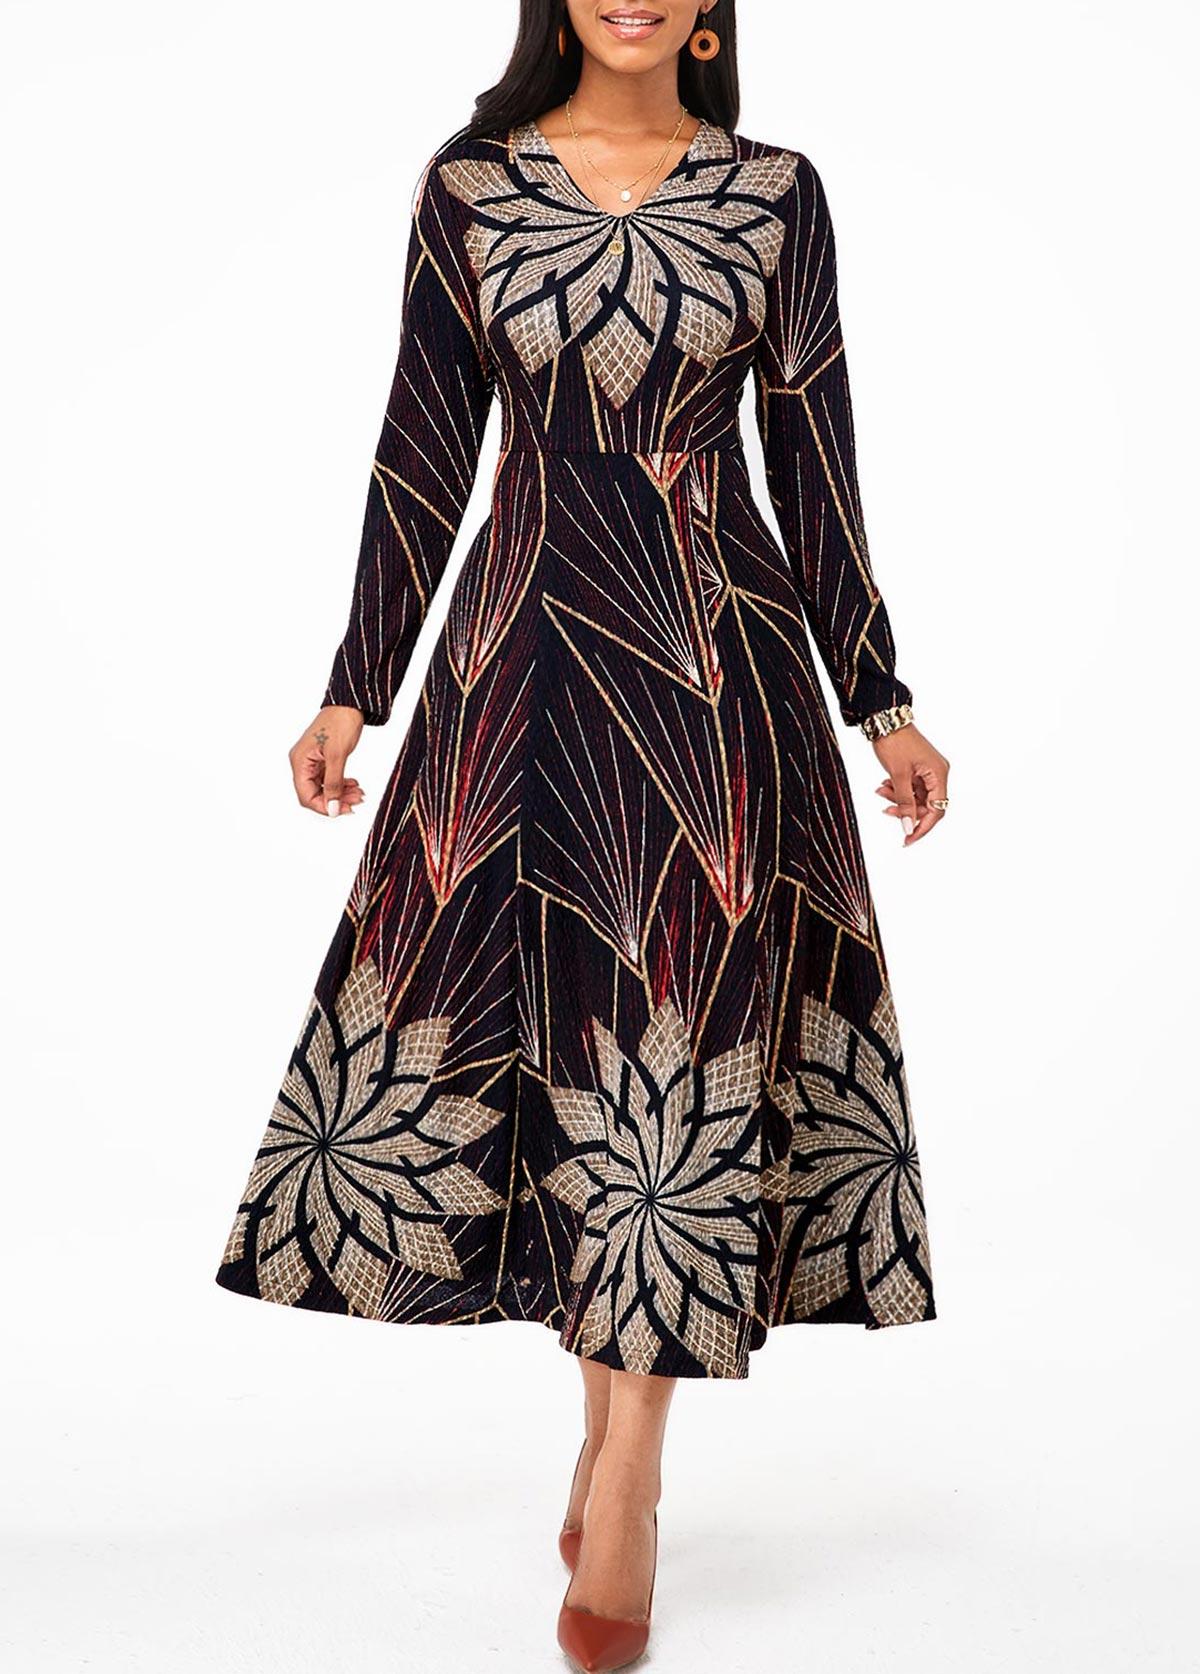 Tribal Print Long Sleeve V Neck Dress